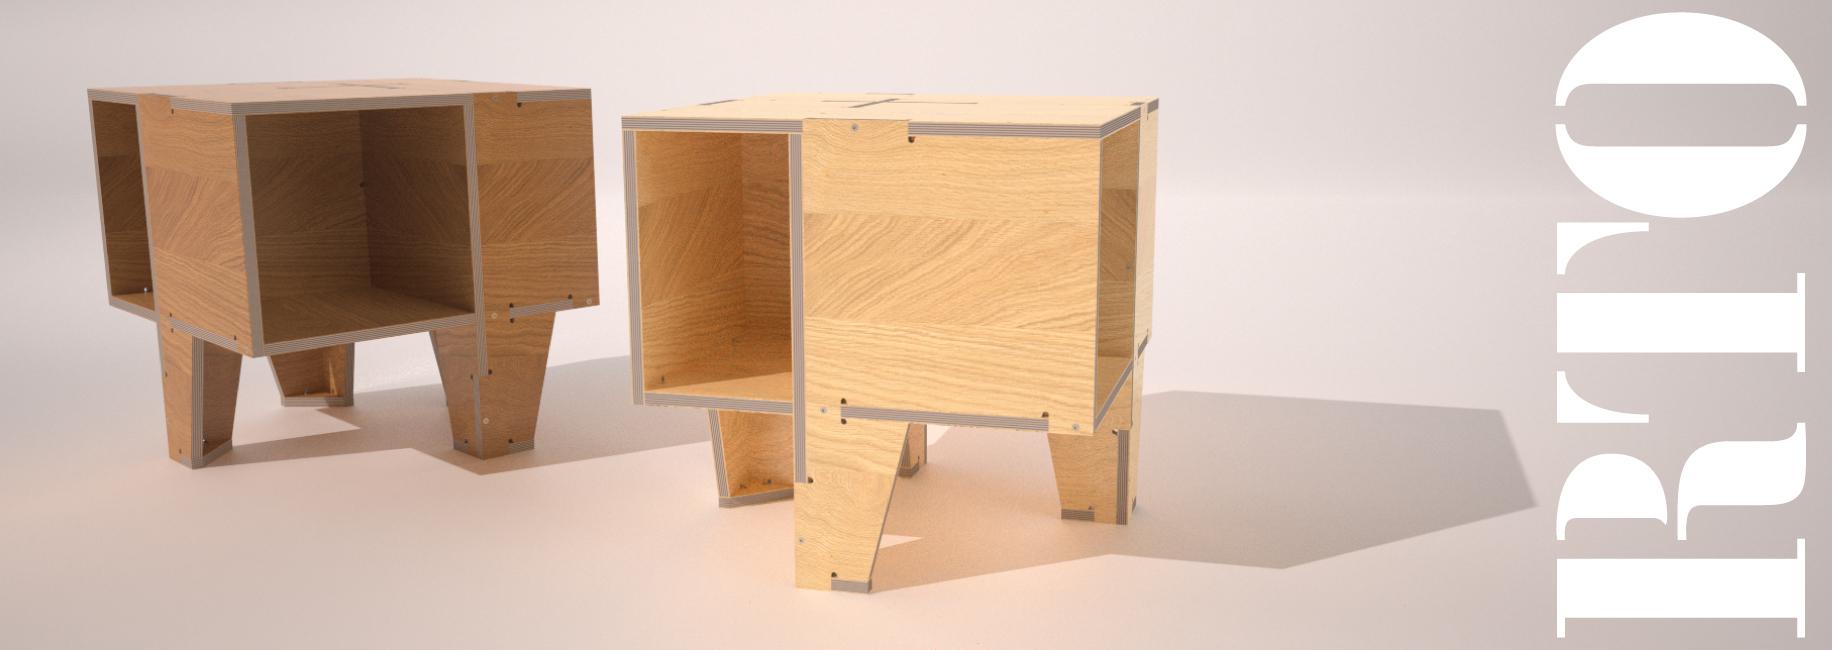 rotational-table